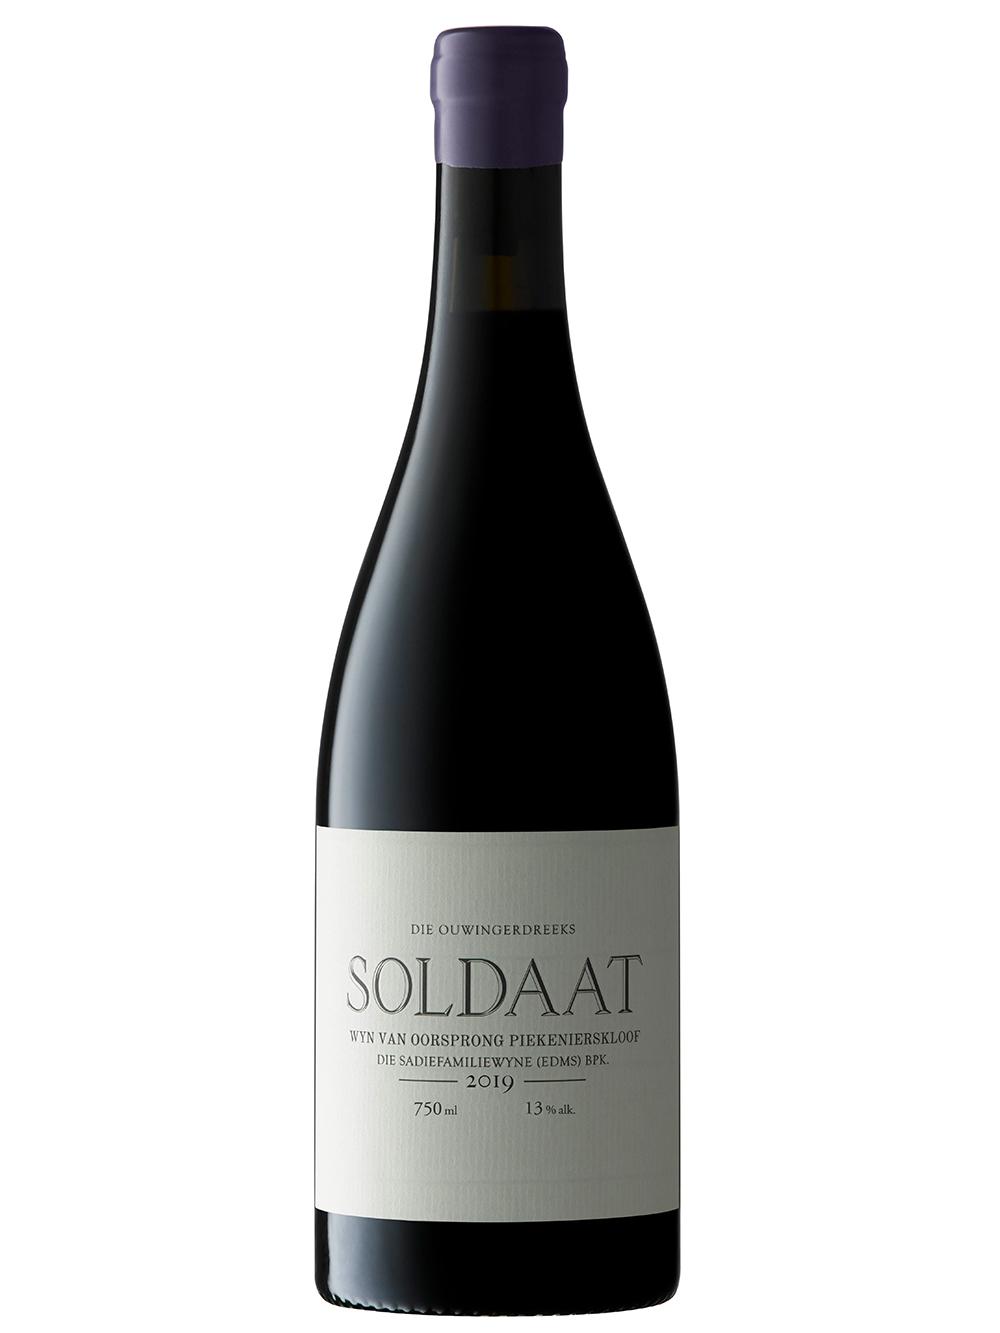 2019 Soldaat